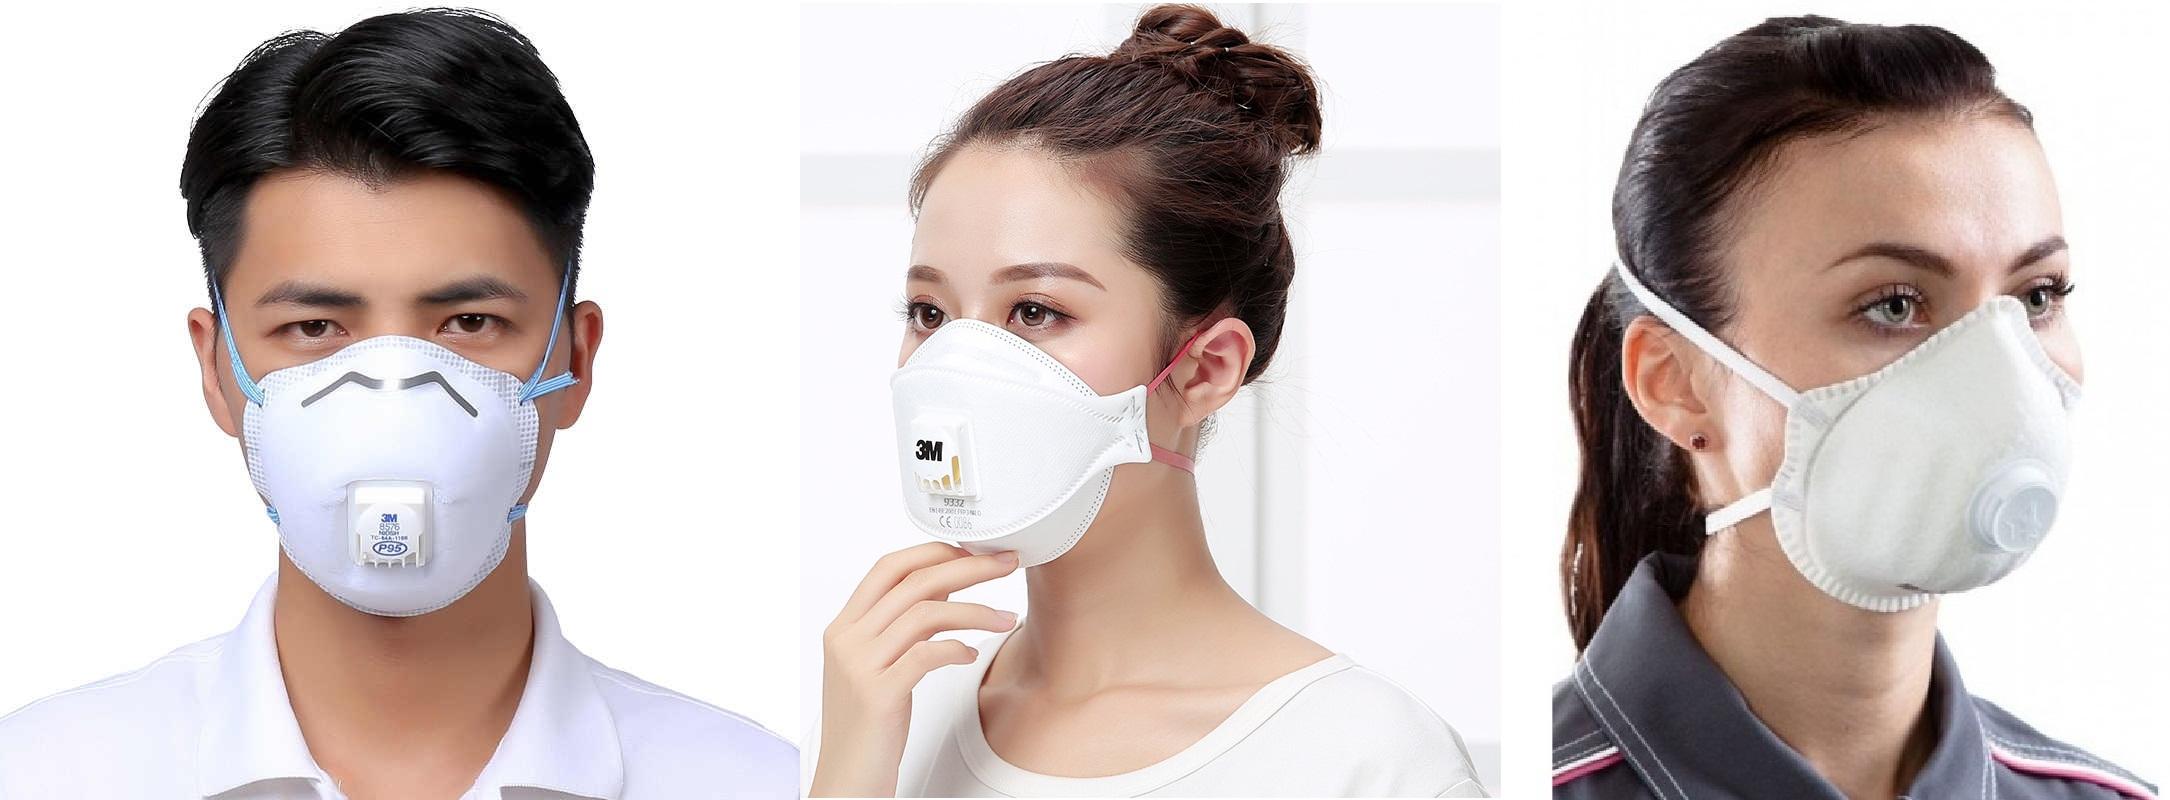 маски для лица защитные противовирусные